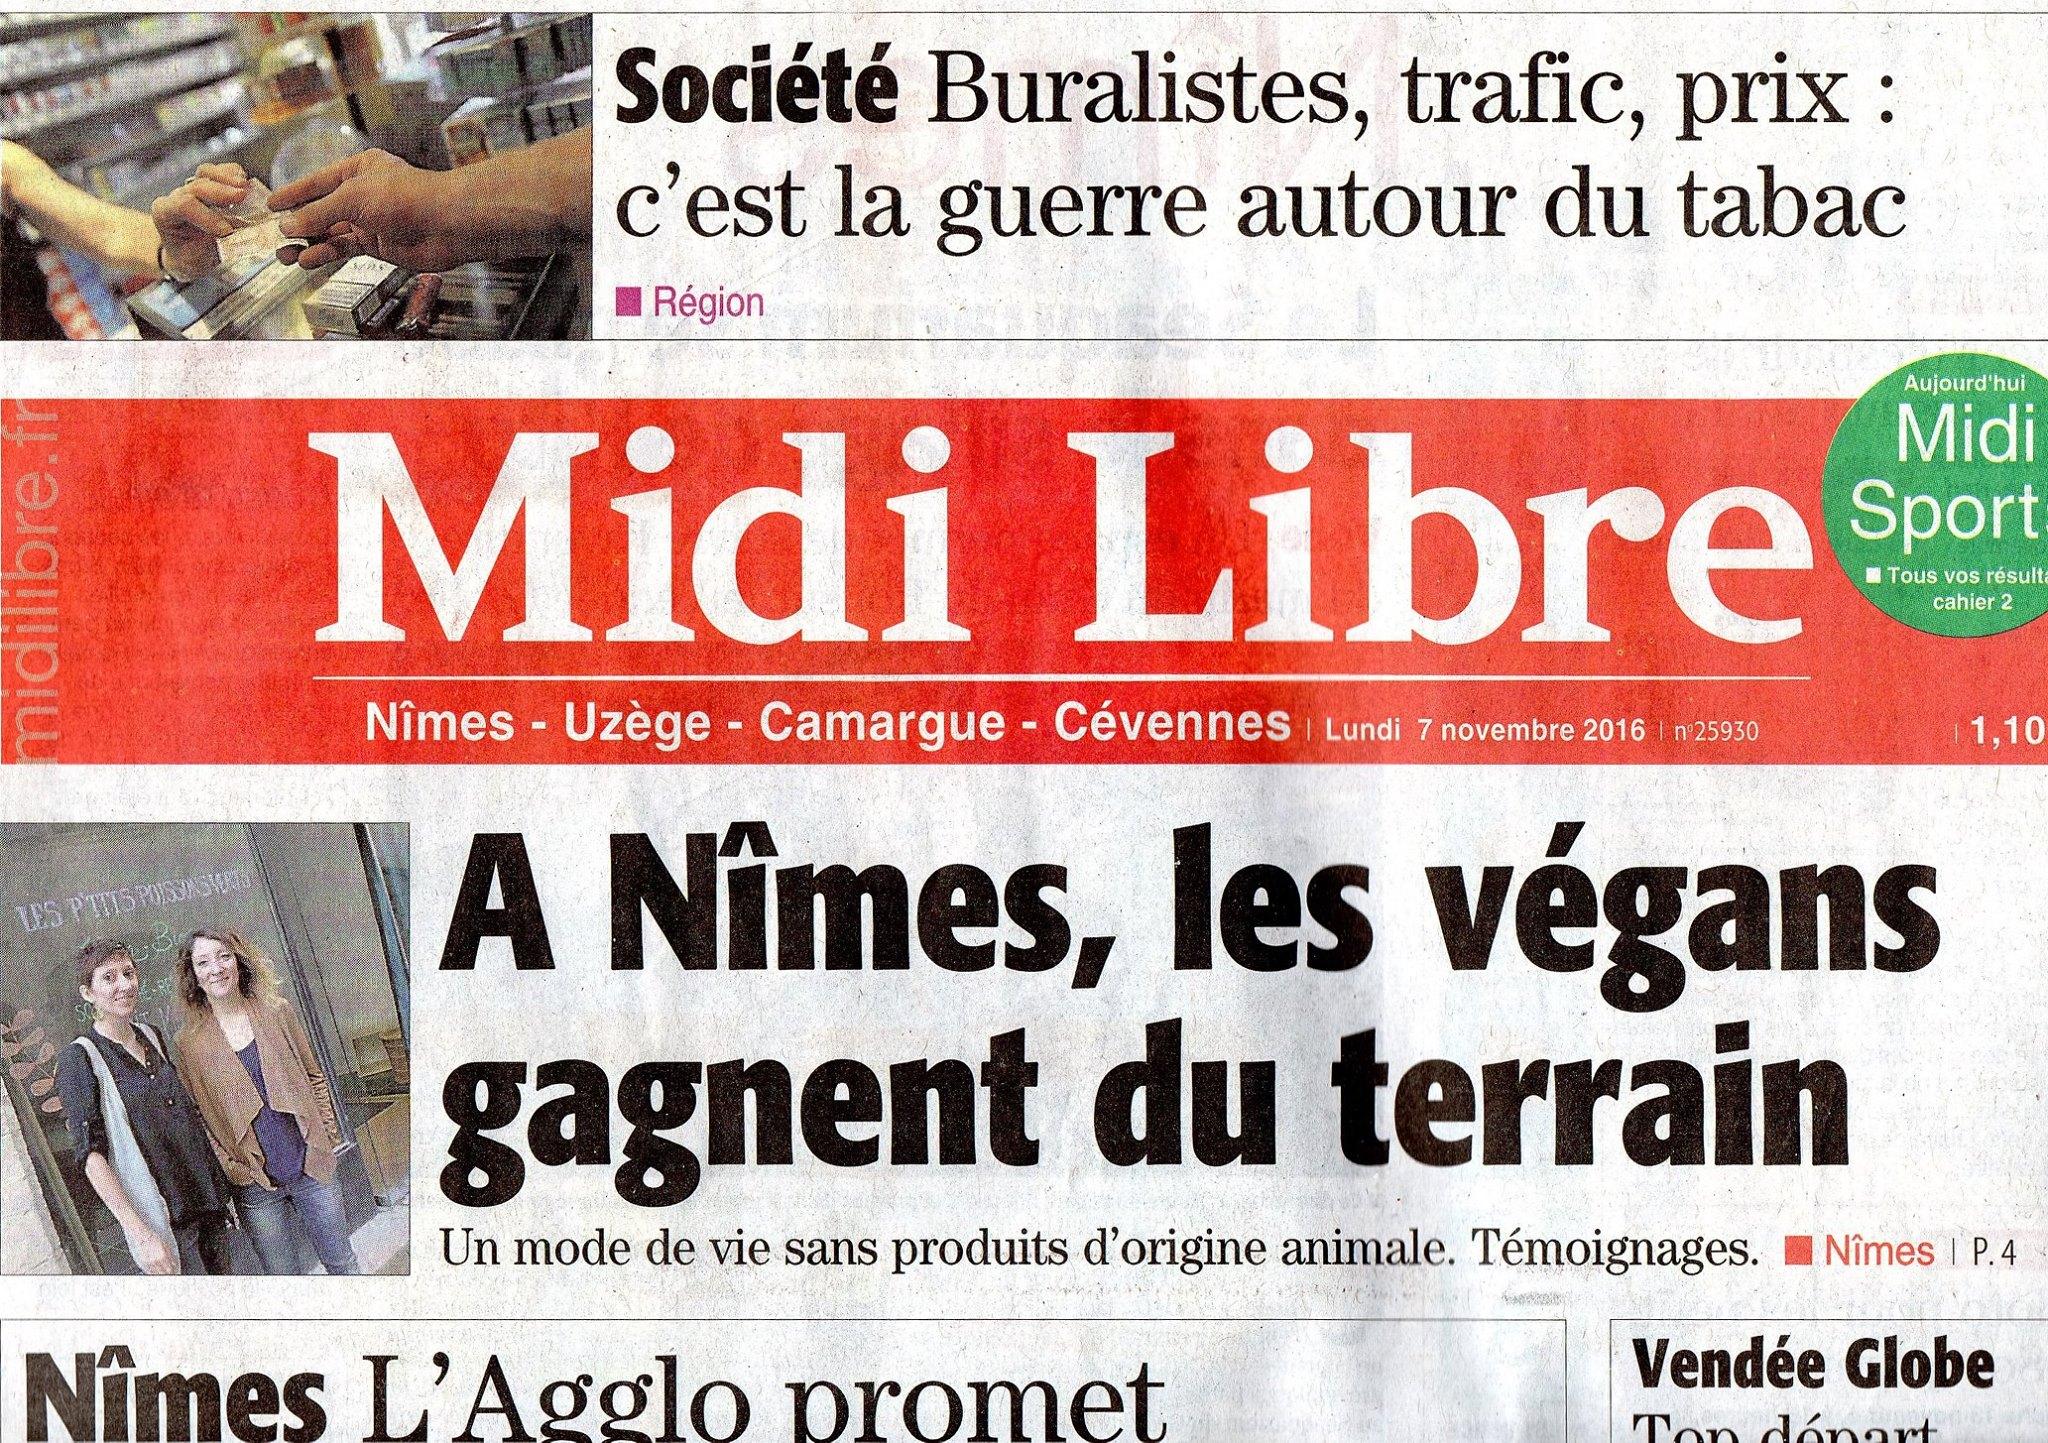 Midi Libre 7 Nov 2016 Végans